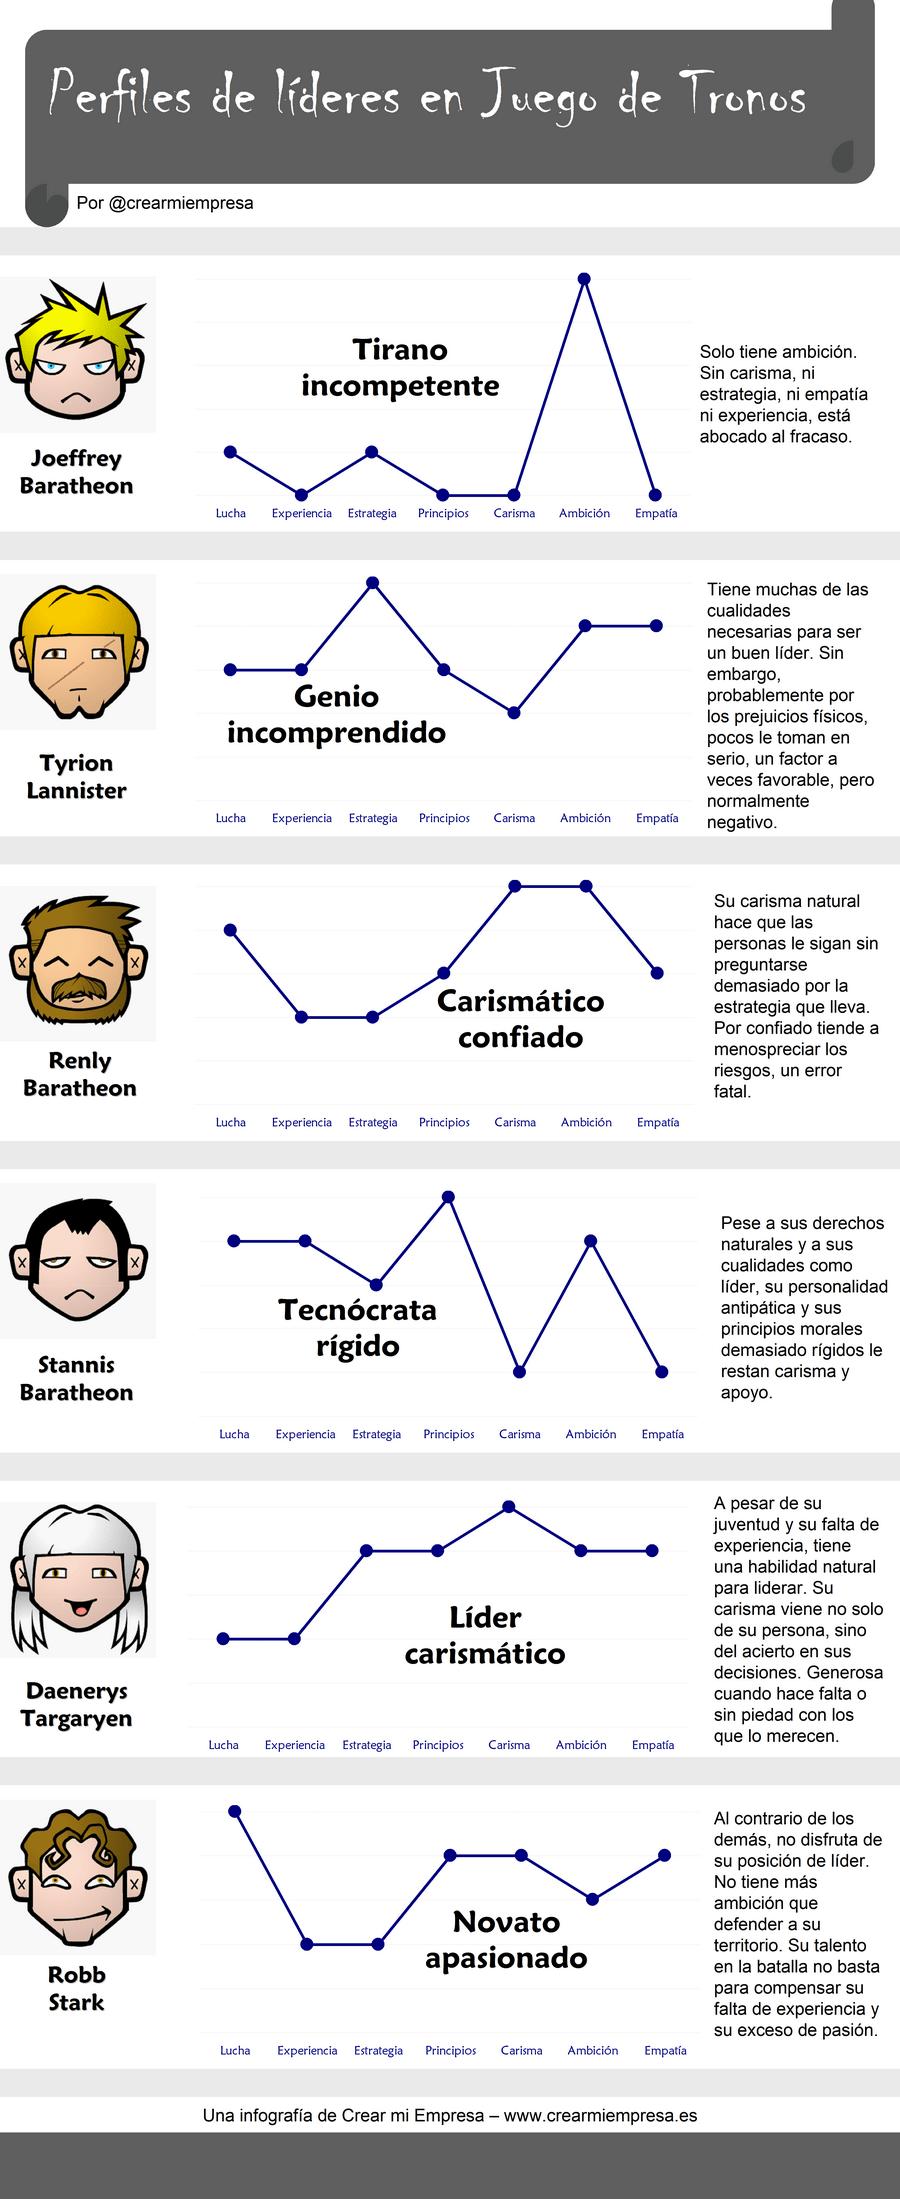 infografia-juego-de-tronos